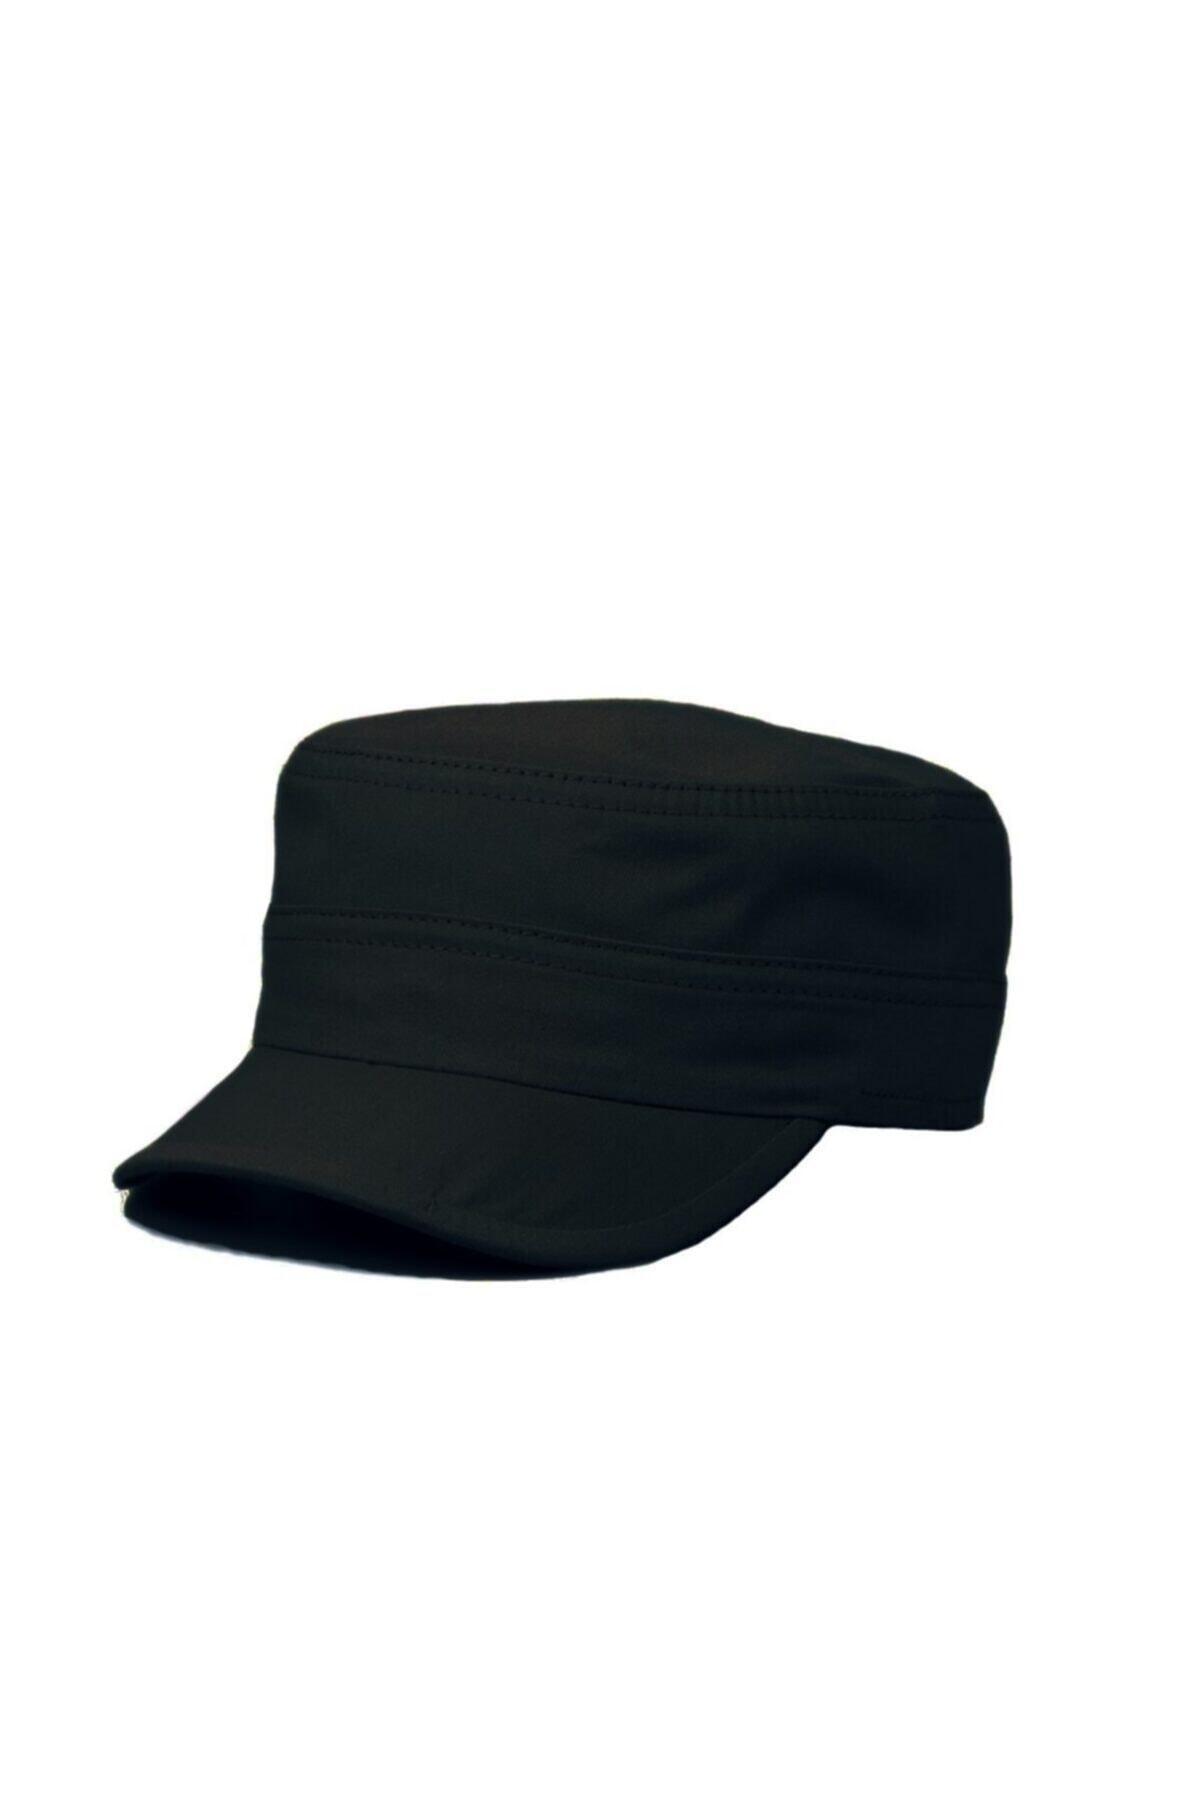 Castro Şapka Kep Avcı Model